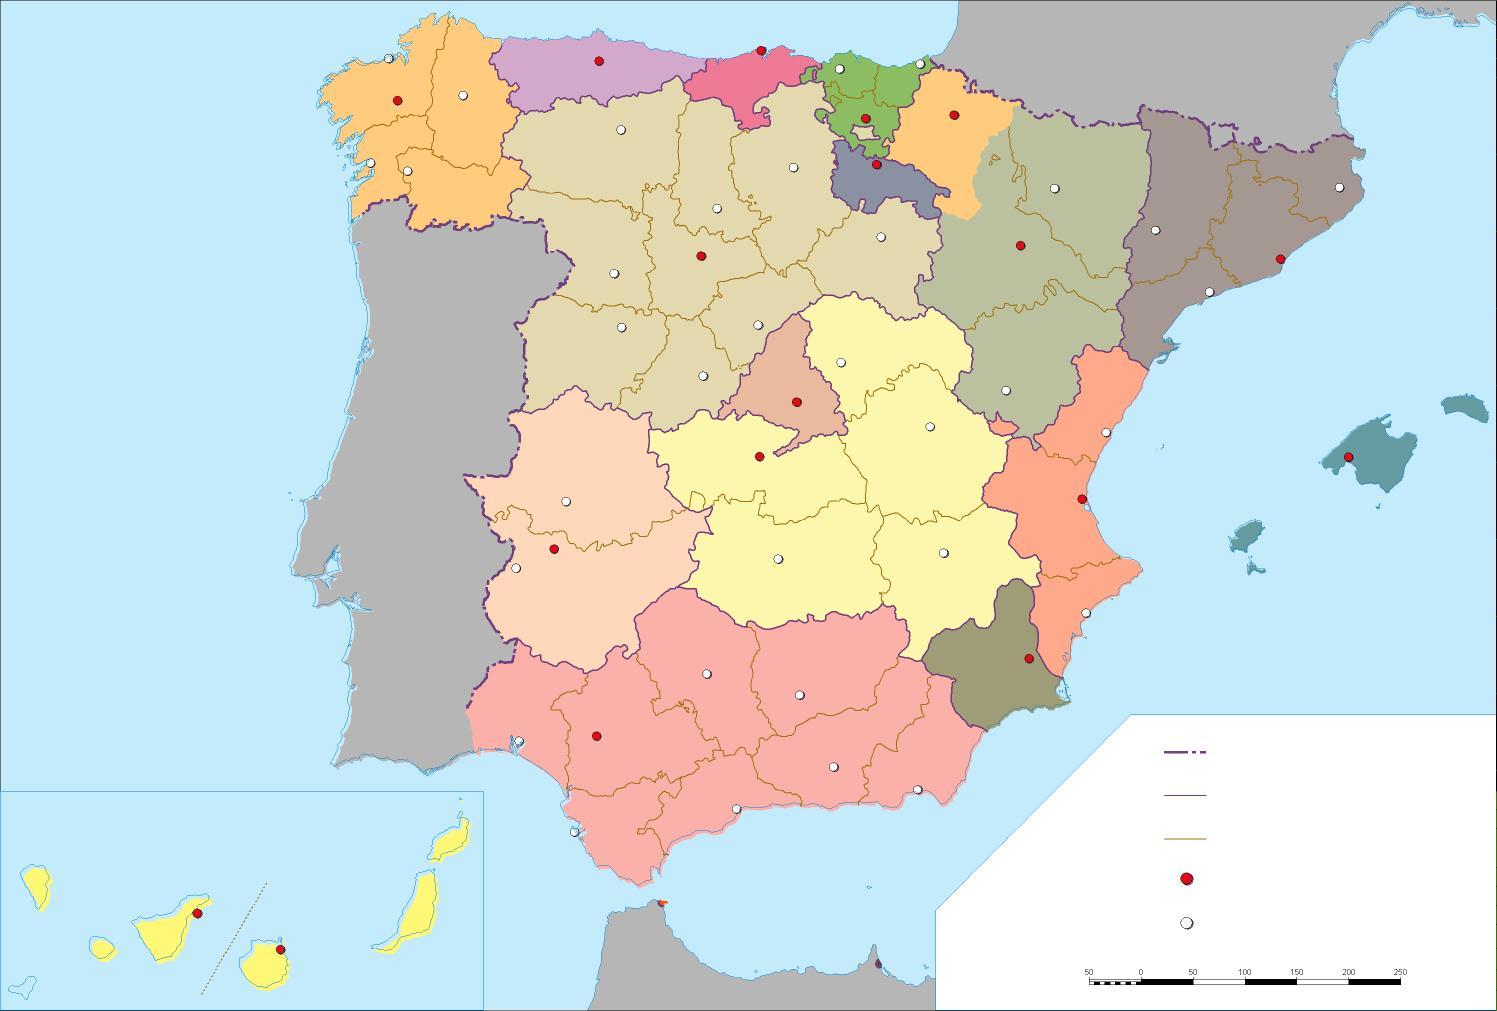 Mapa De España Fisico Mudo.Mapa Fisico Espana Vacio Mapa